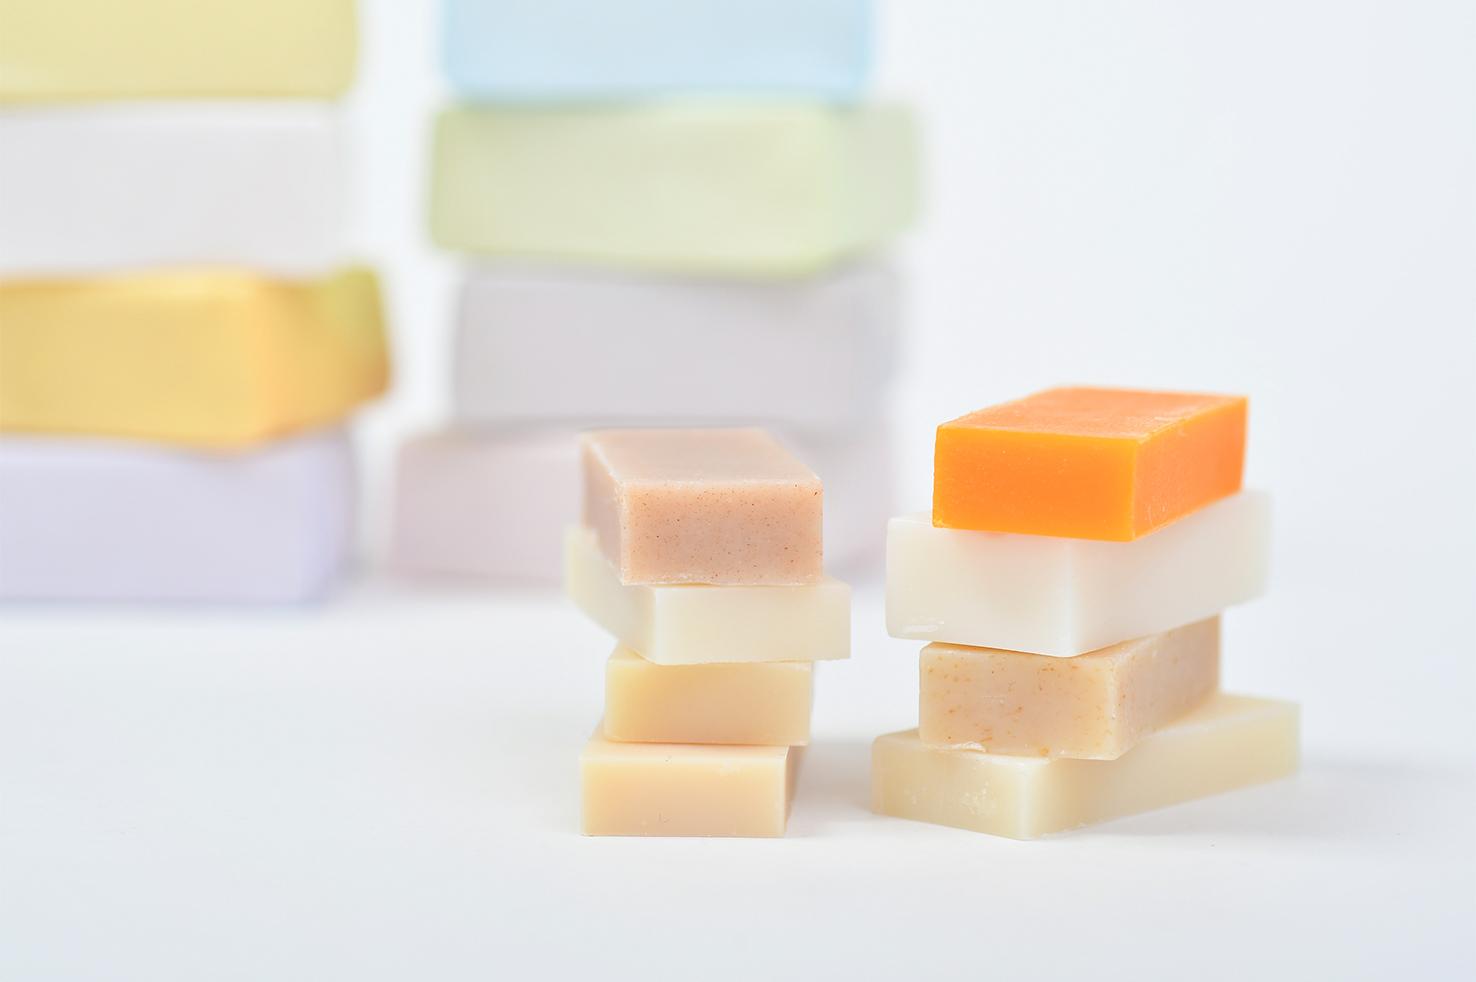 お試しプチ石鹸10g(単品)